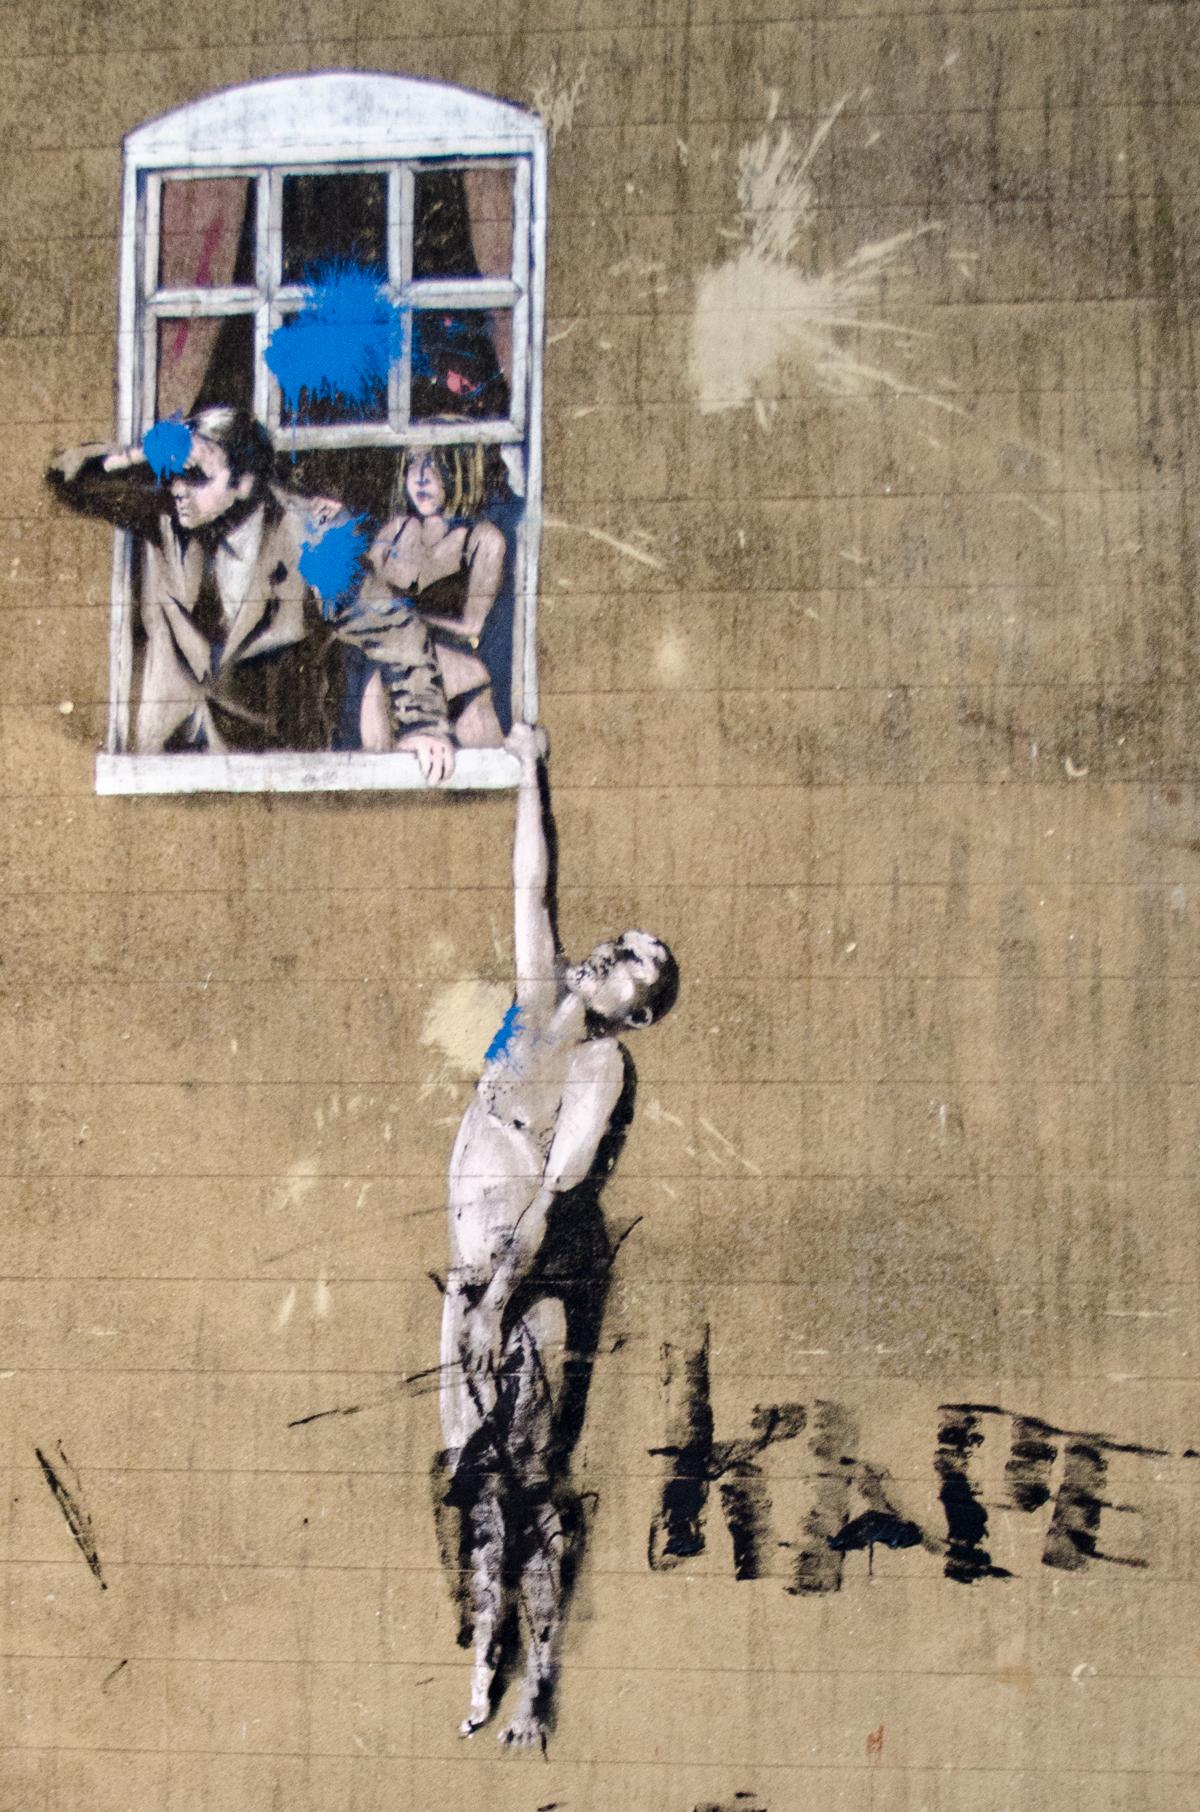 homme-nu-suspendu-banksy